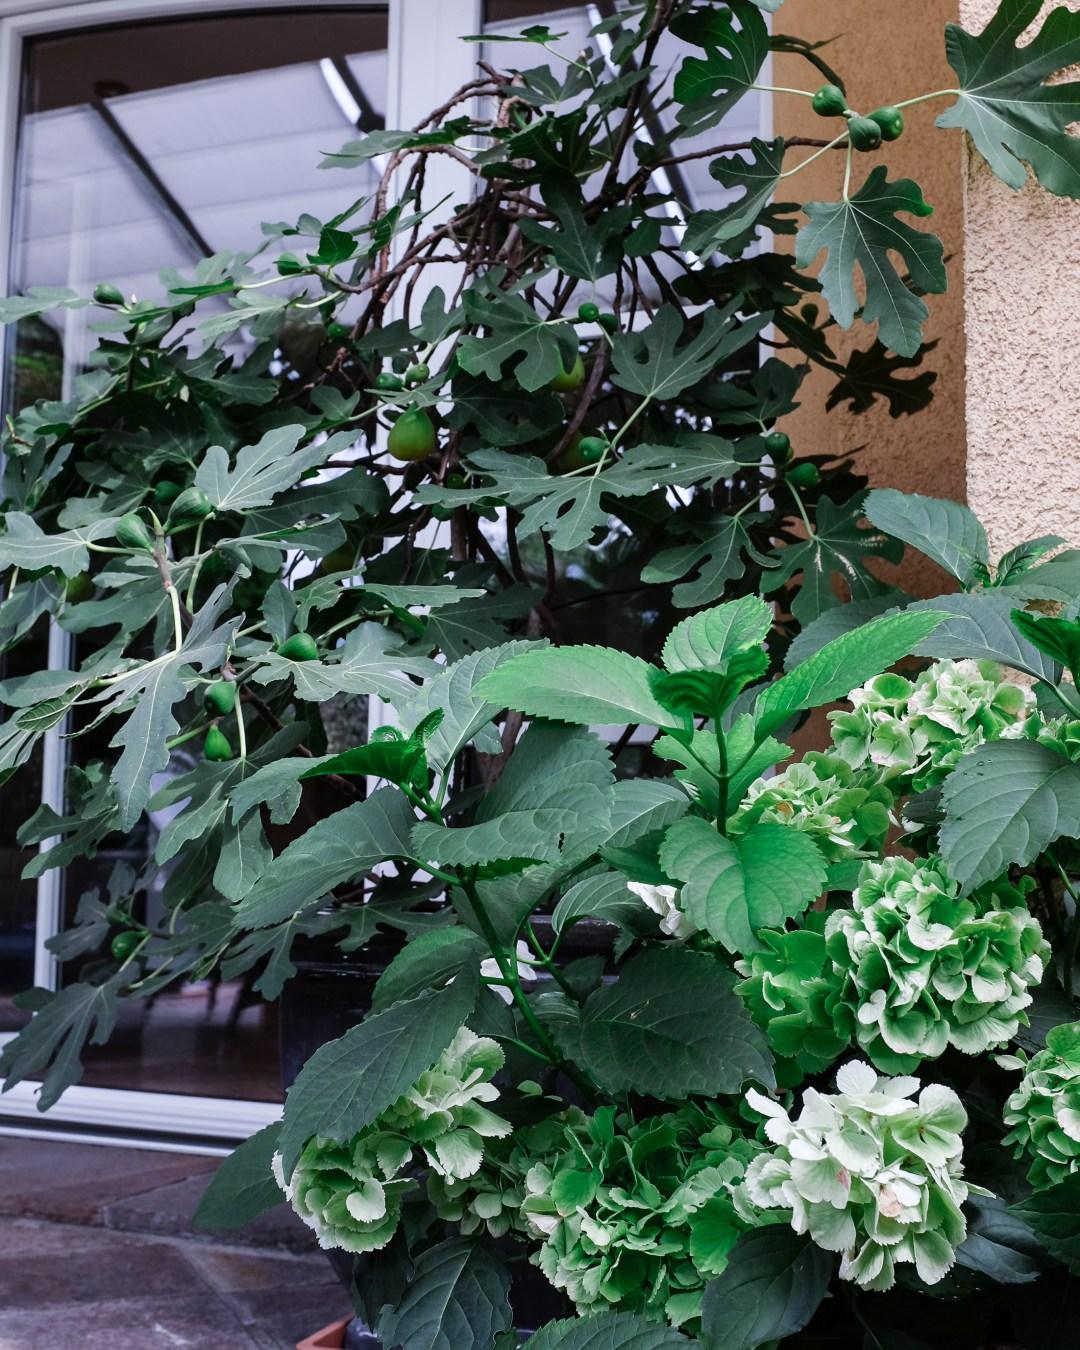 inastil, tomaten, feigen, mein Garten, erste Ernte, Gartenfrüchte, Sommerabend, Nektarinenkuchn, Sommerzeit, Ü50Blogger, Rezept-6